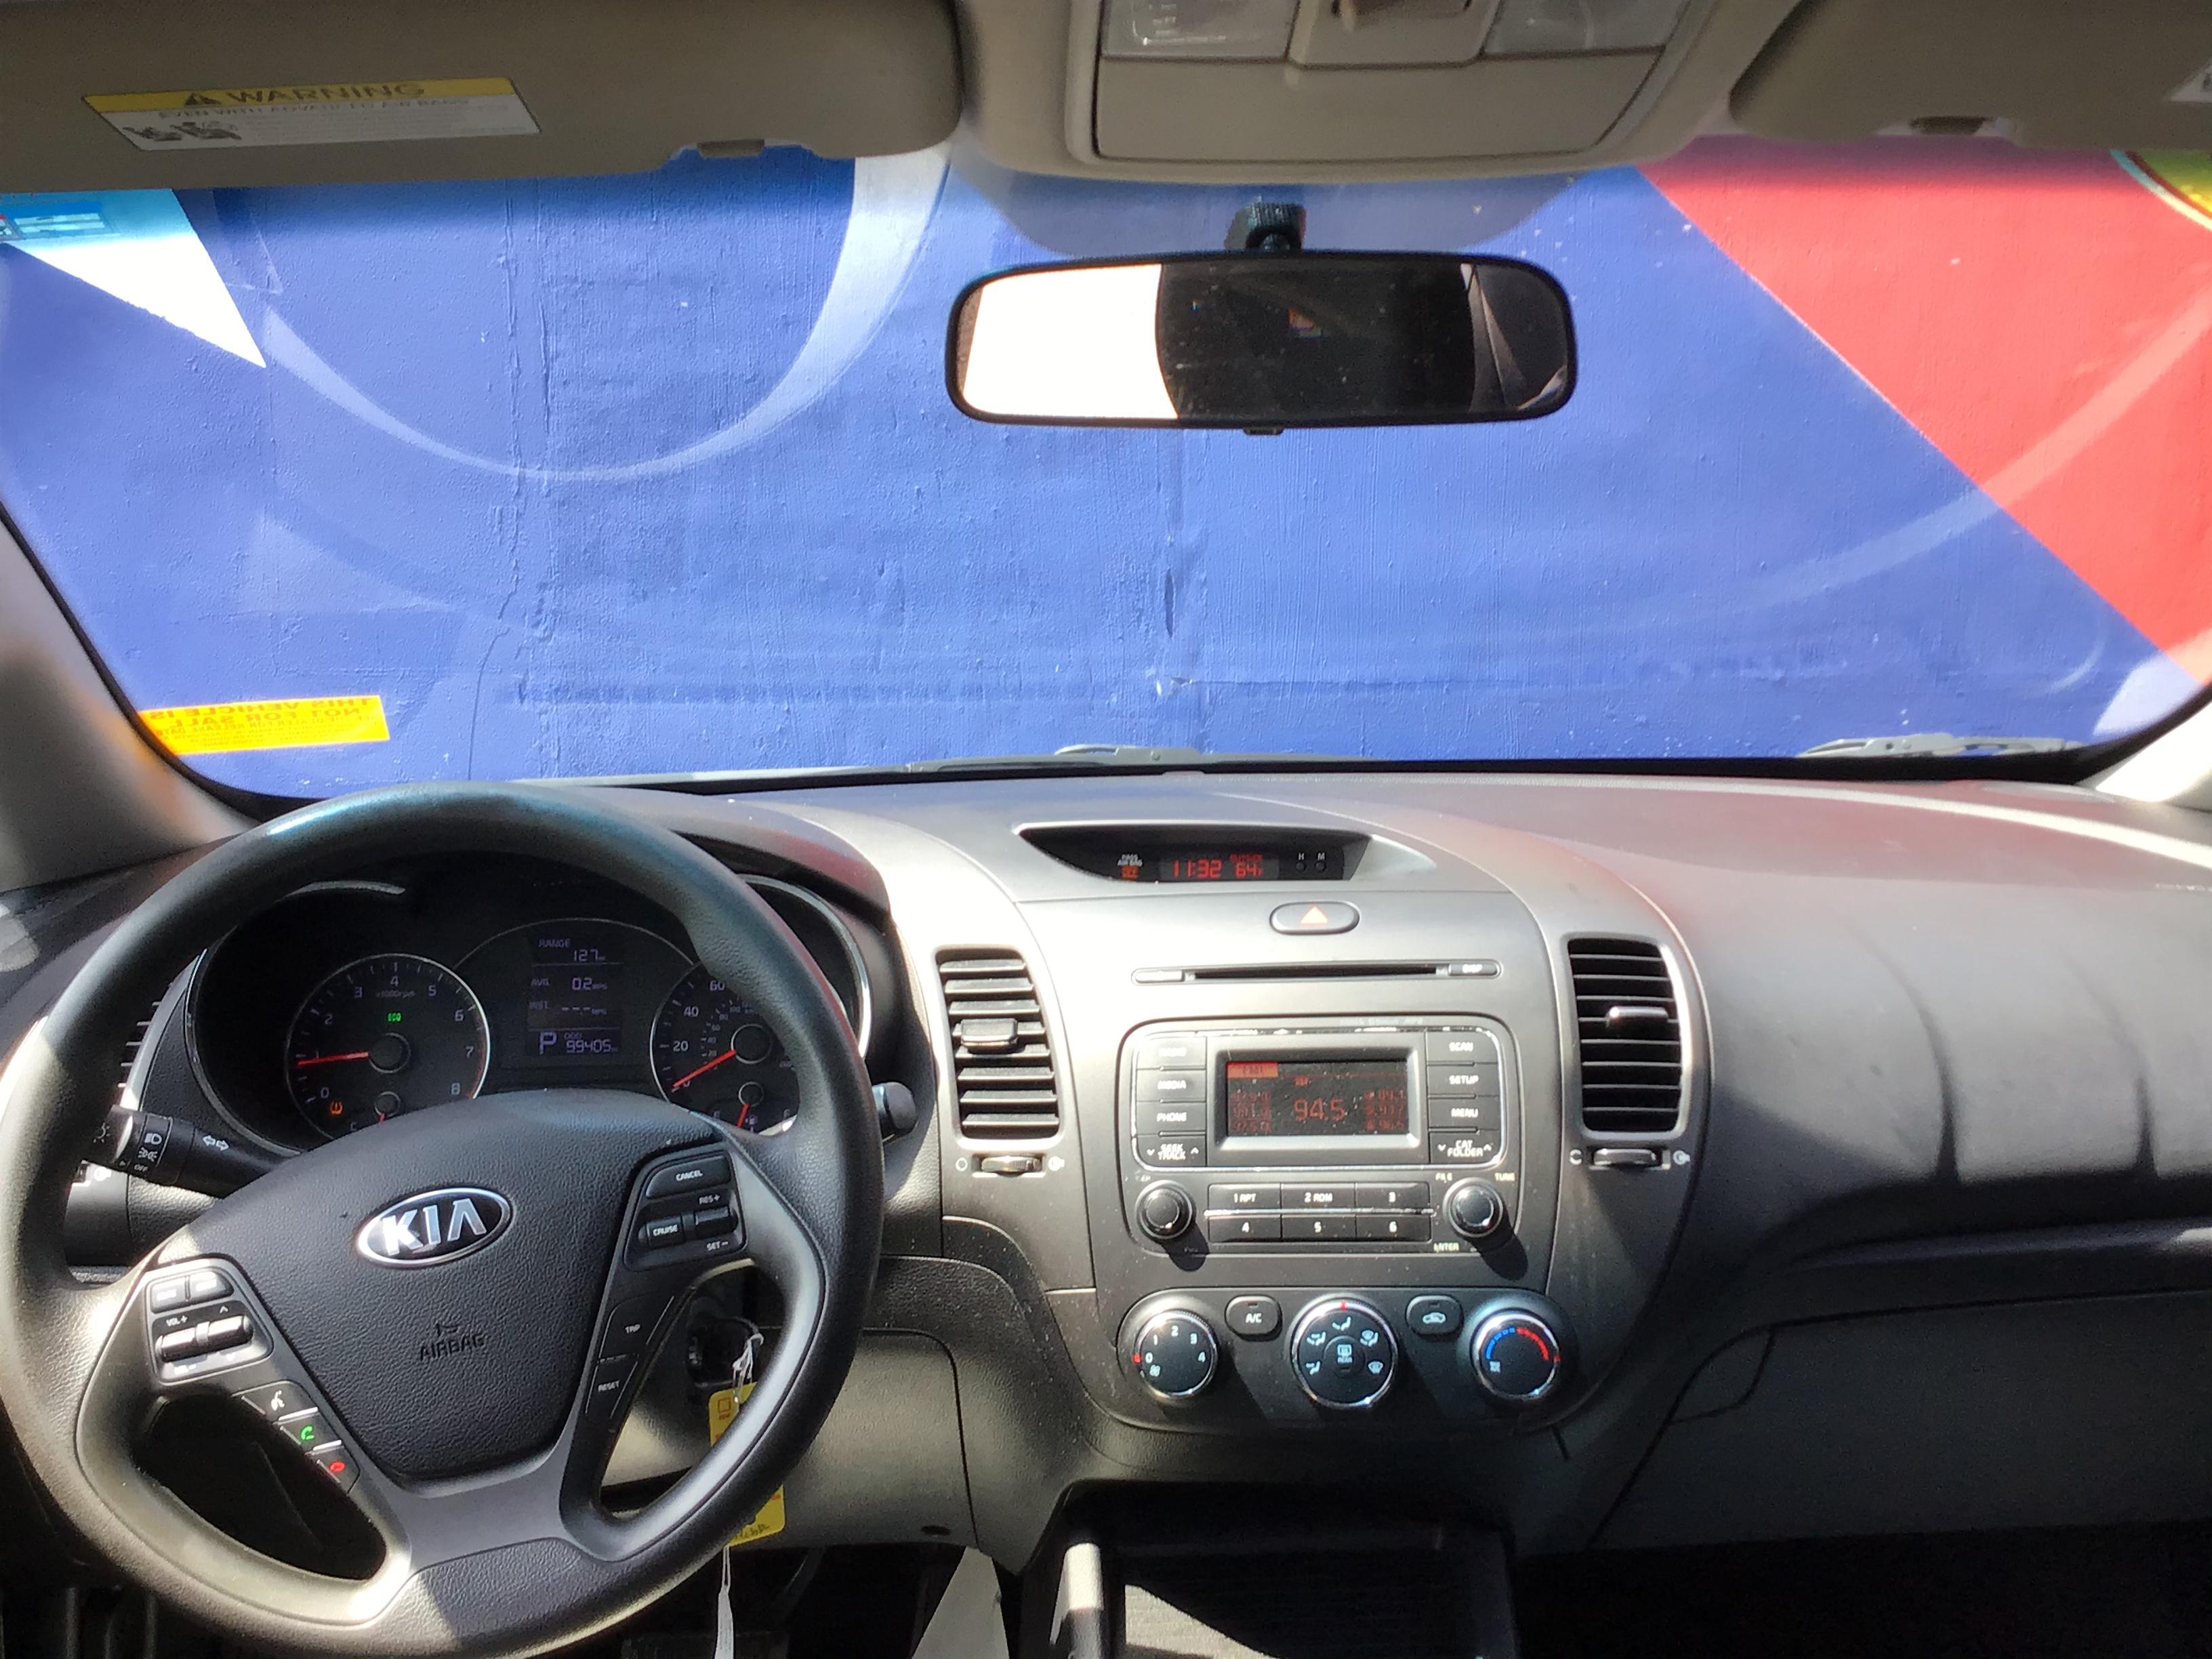 used vehicle -  KIA FORTE 2015